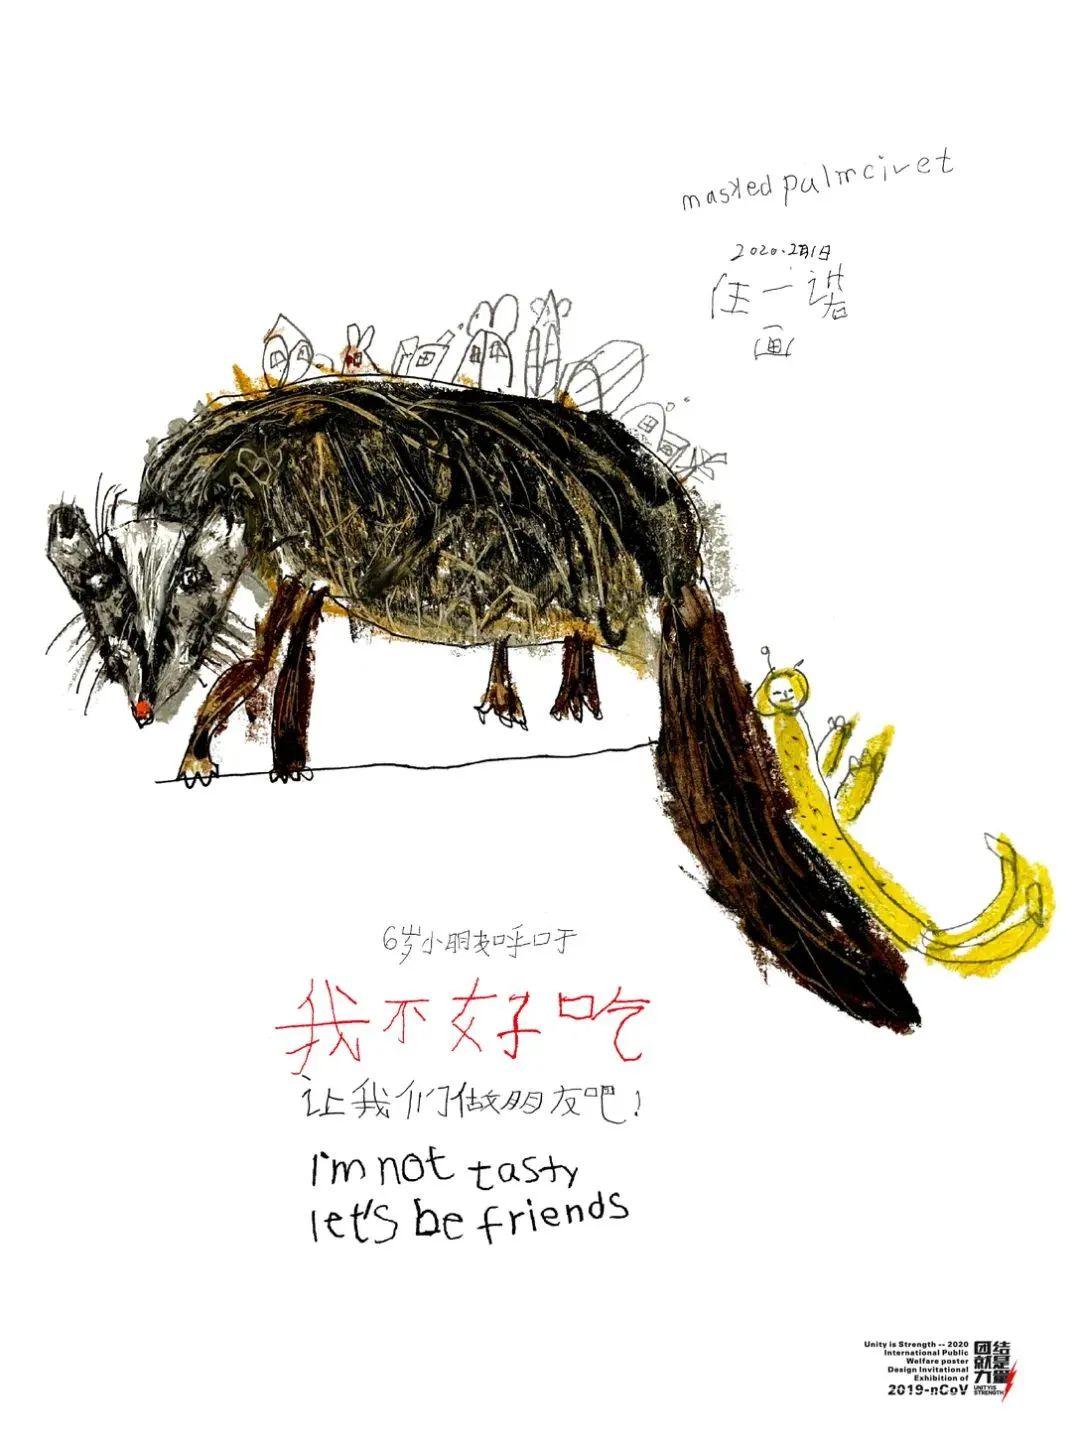 6岁蒙古族小设计师用插画拯救野生动物,为抗疫助力! 第9张